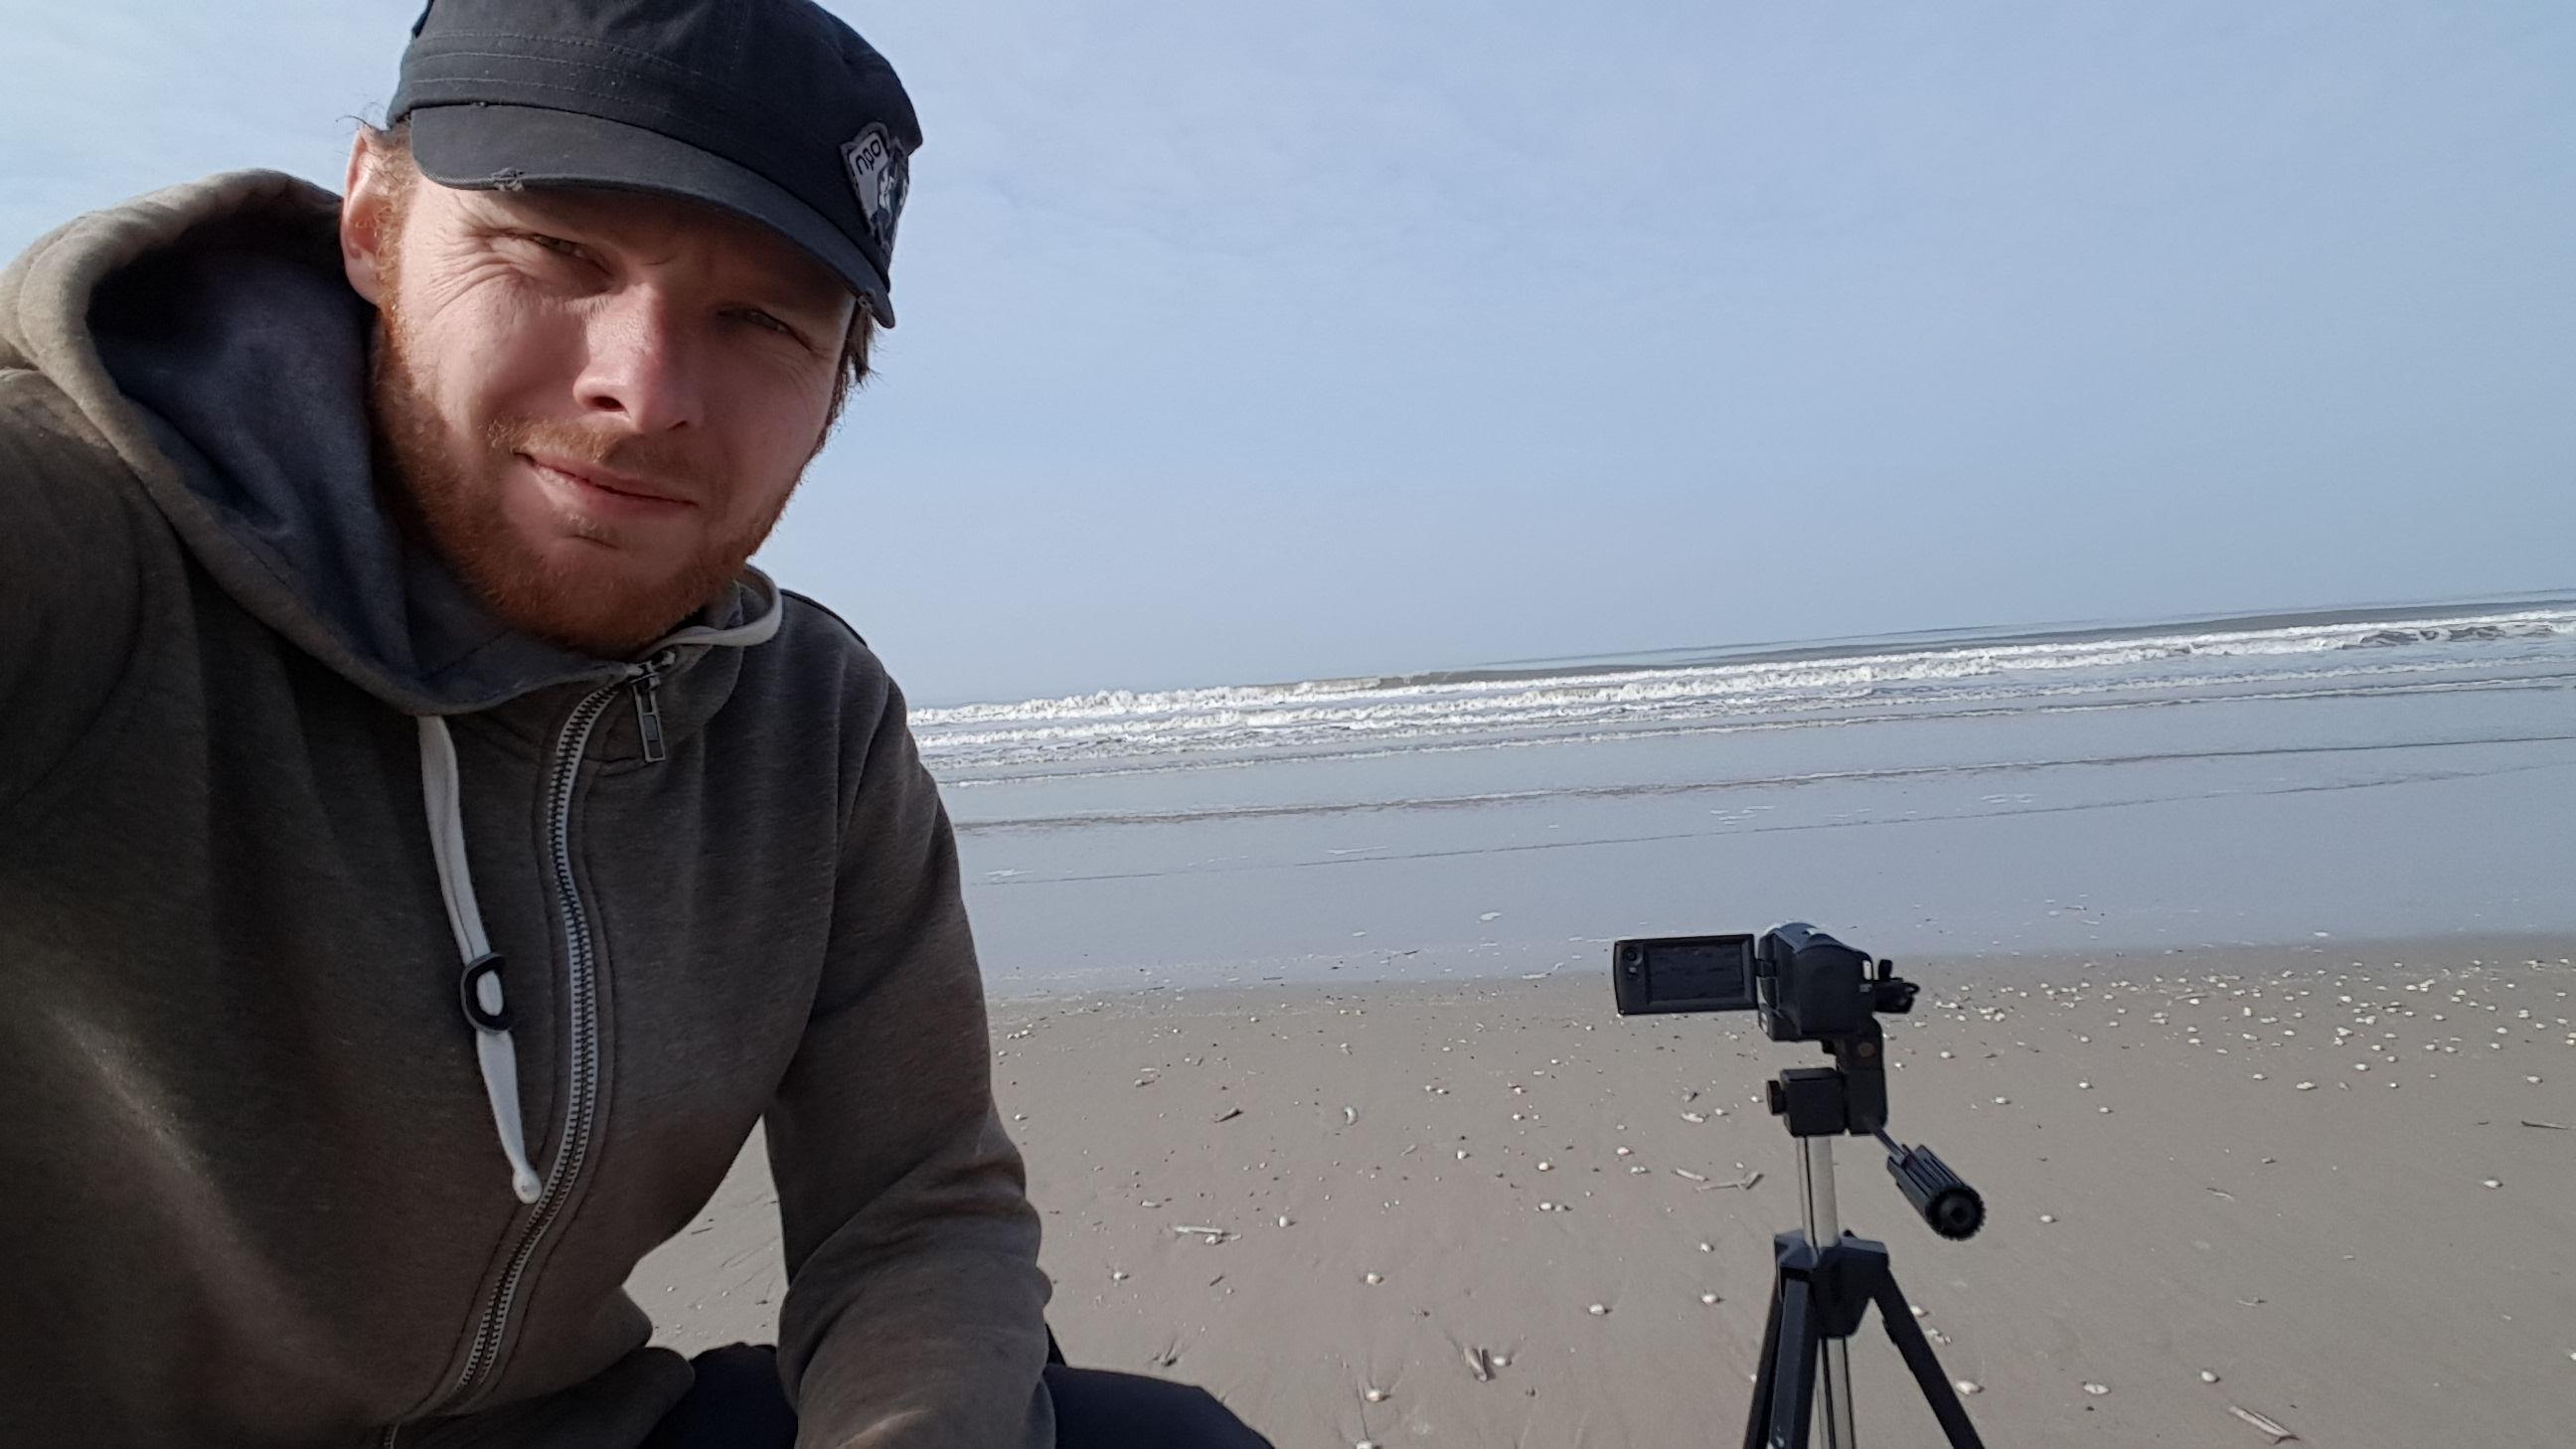 Germen aan het filmen op het strand